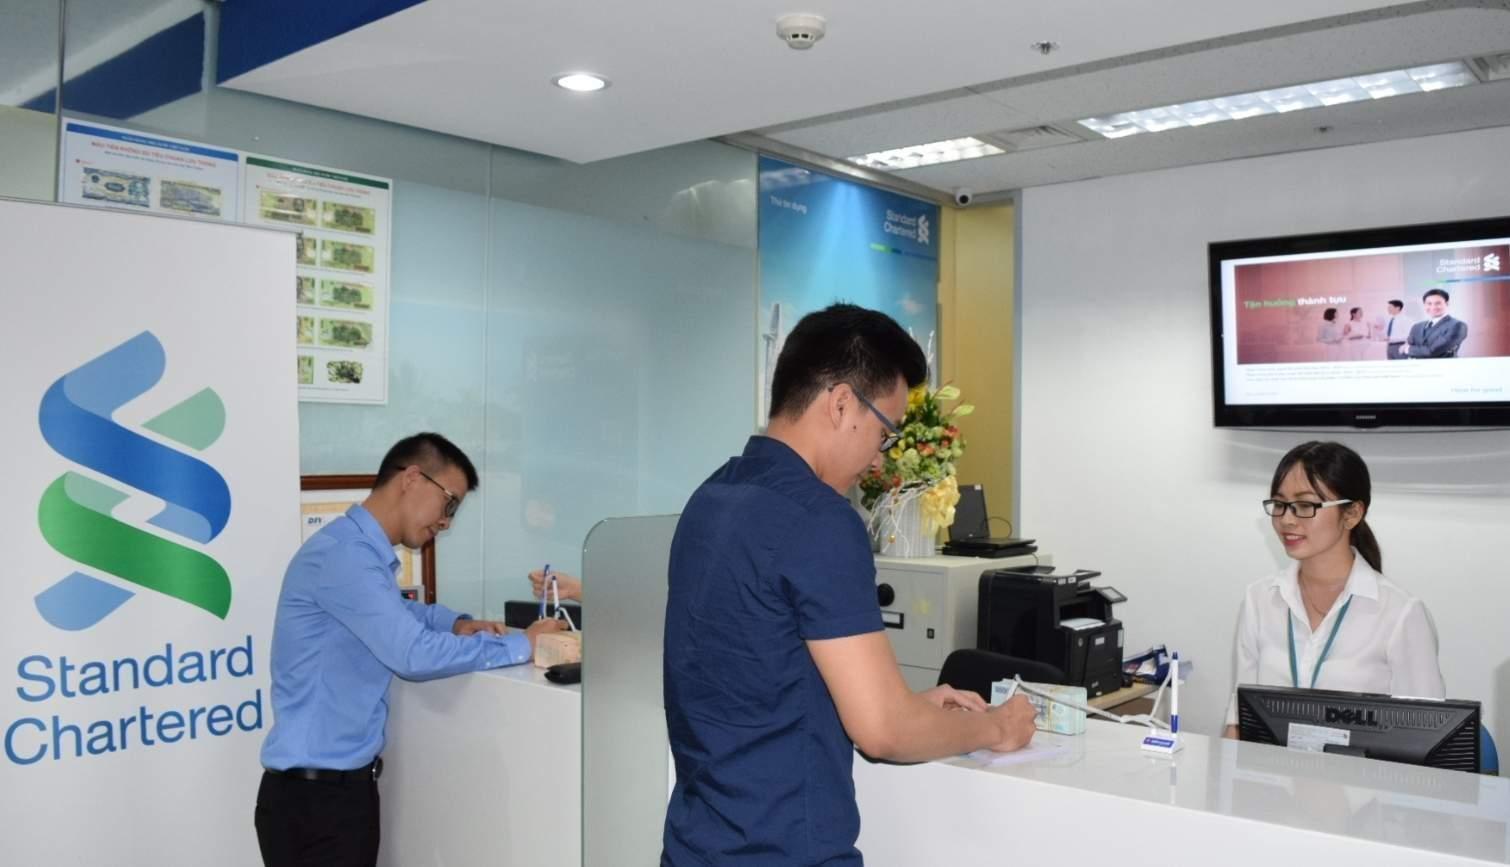 Vay tín chấp Standard Chartered là sự lựa chọn của nhiều khách hàng